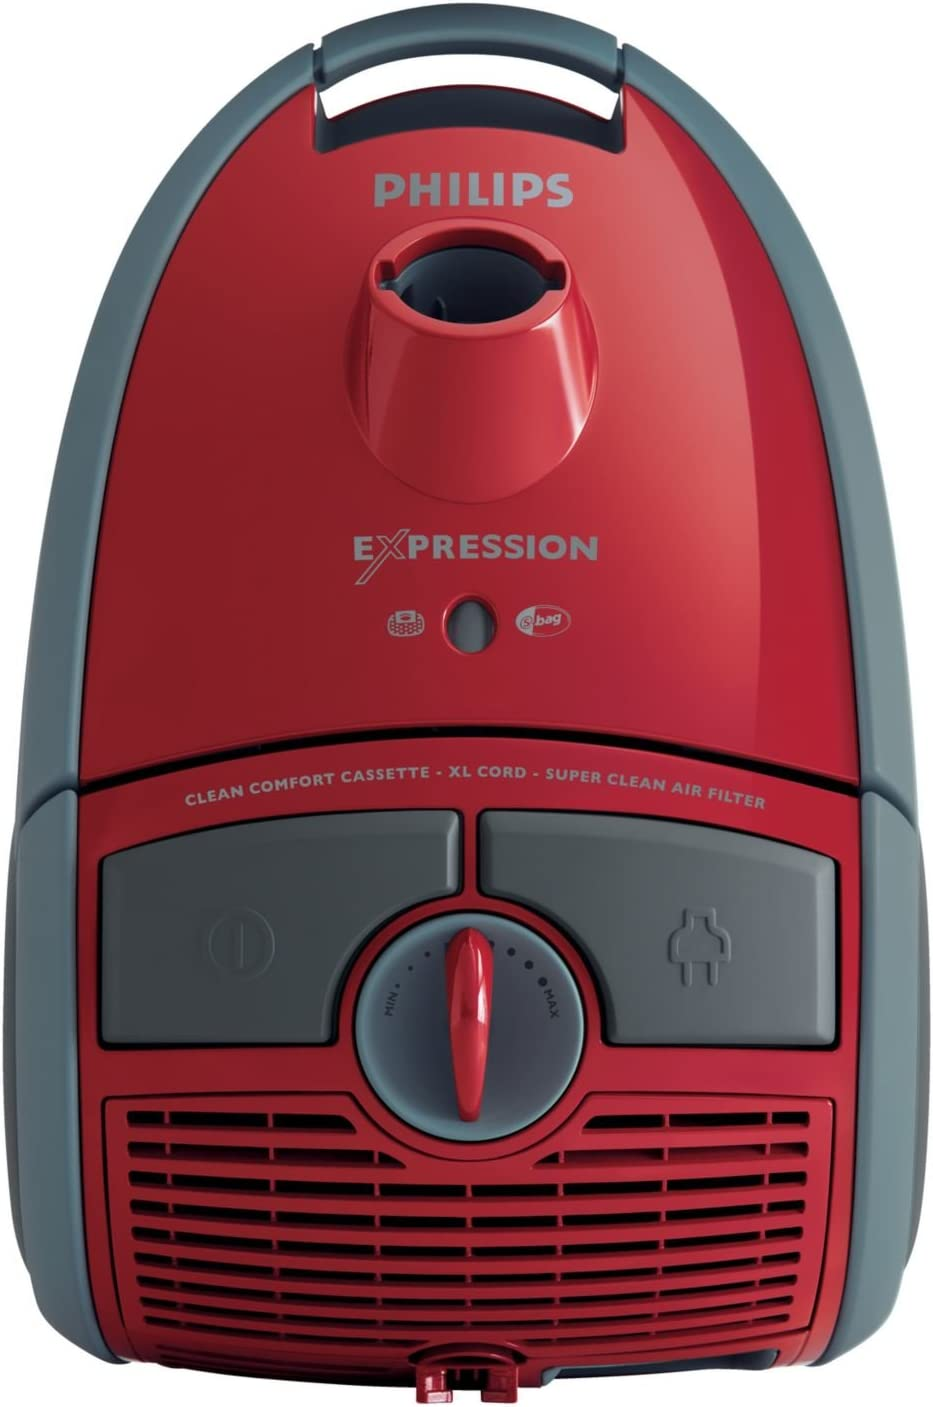 Philips Expression FC8615/01 - Aspiradora (Aspiradora cilíndrica, Rojo, Metal, Bolsa para el polvo, Telescópico, Caucho): Amazon.es: Hogar